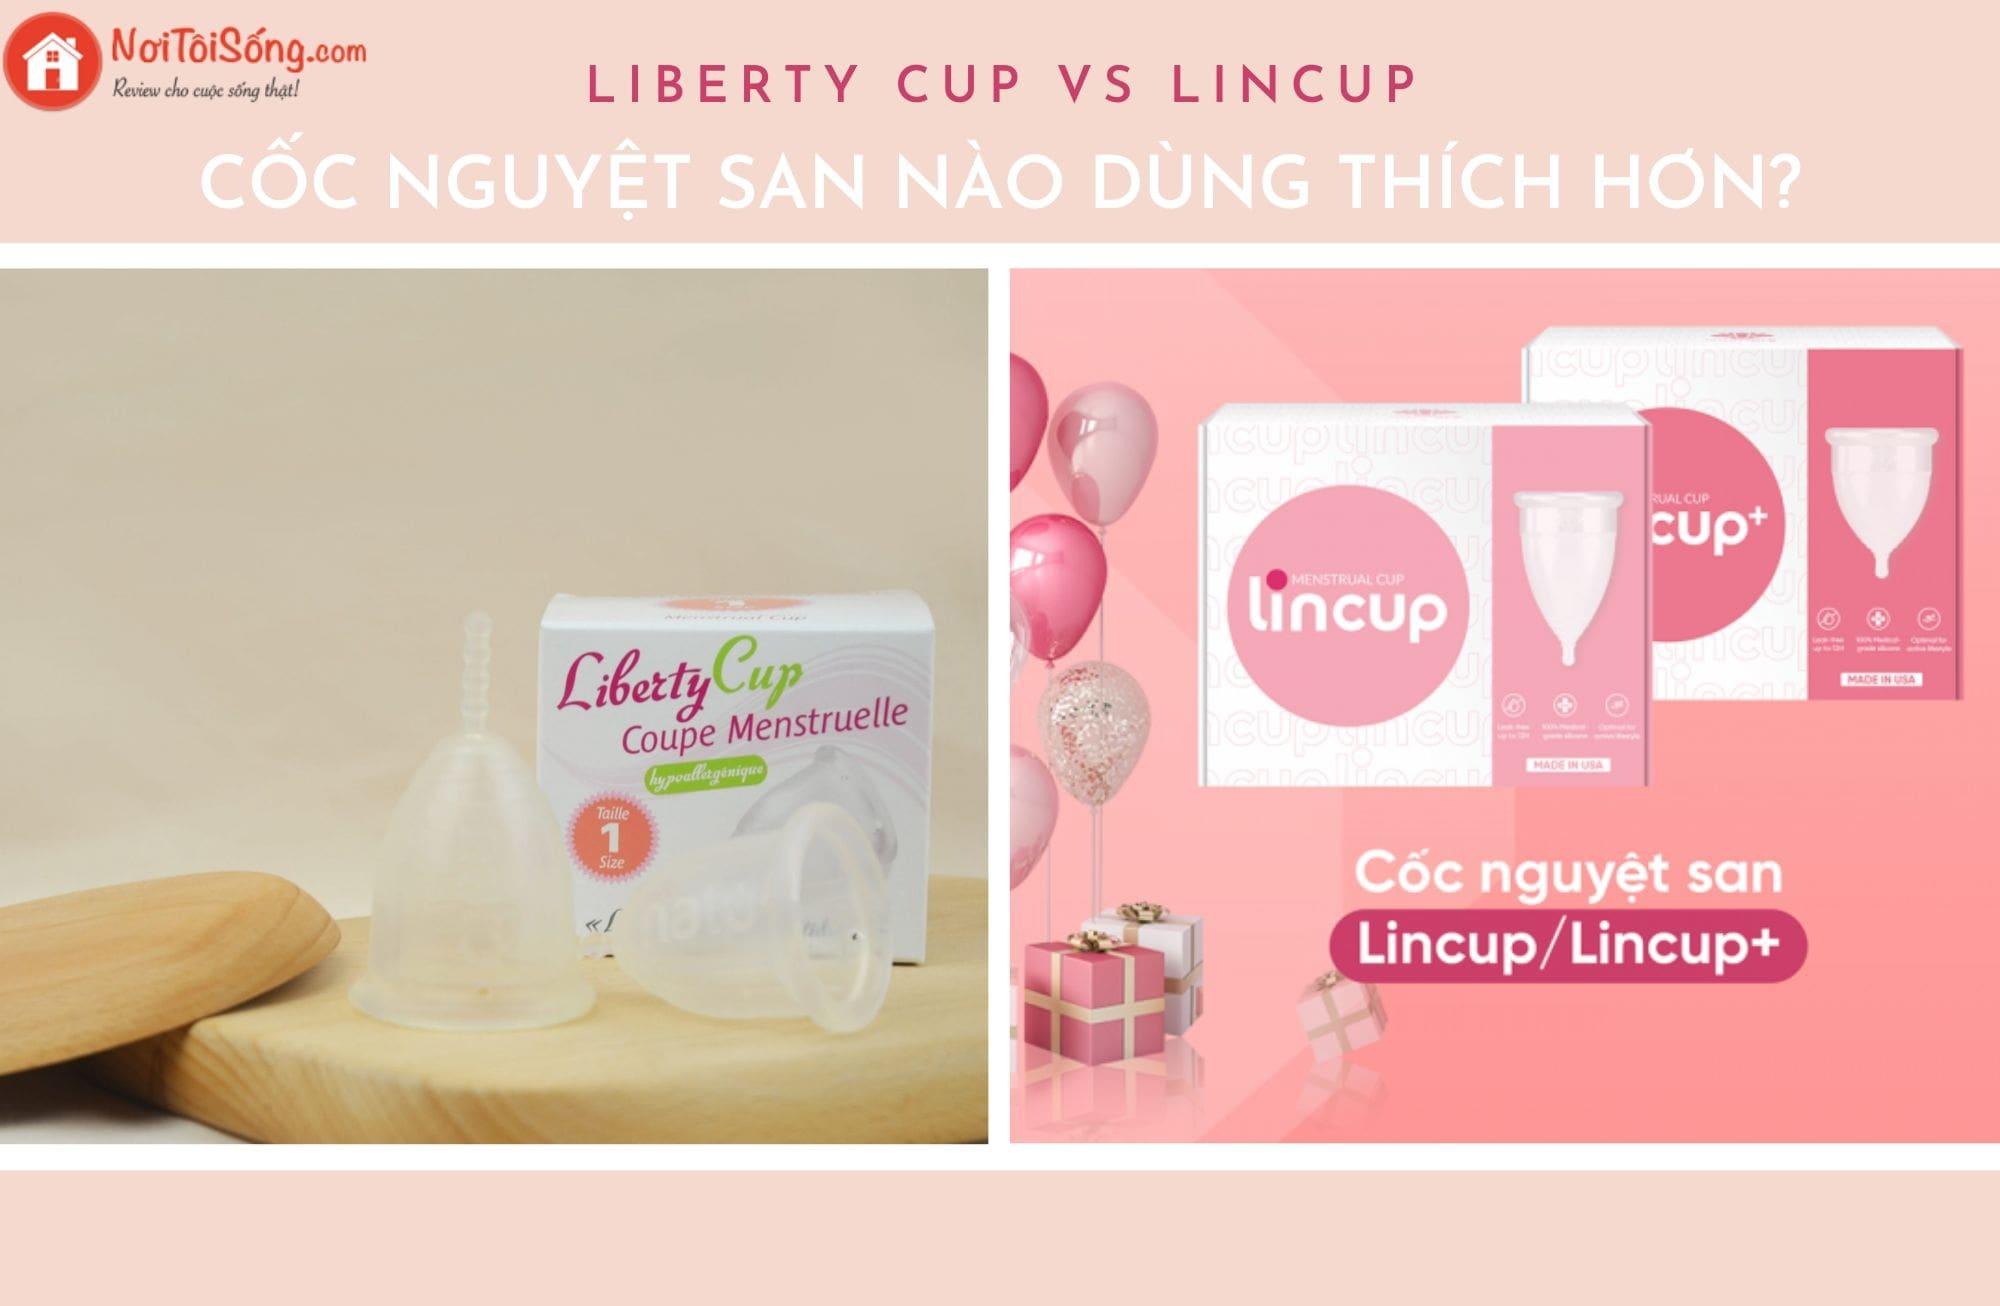 So sánh cốc nguyệt san Lincup và Liberty Cup - Cốc nguyệt san nào tốt nhất?